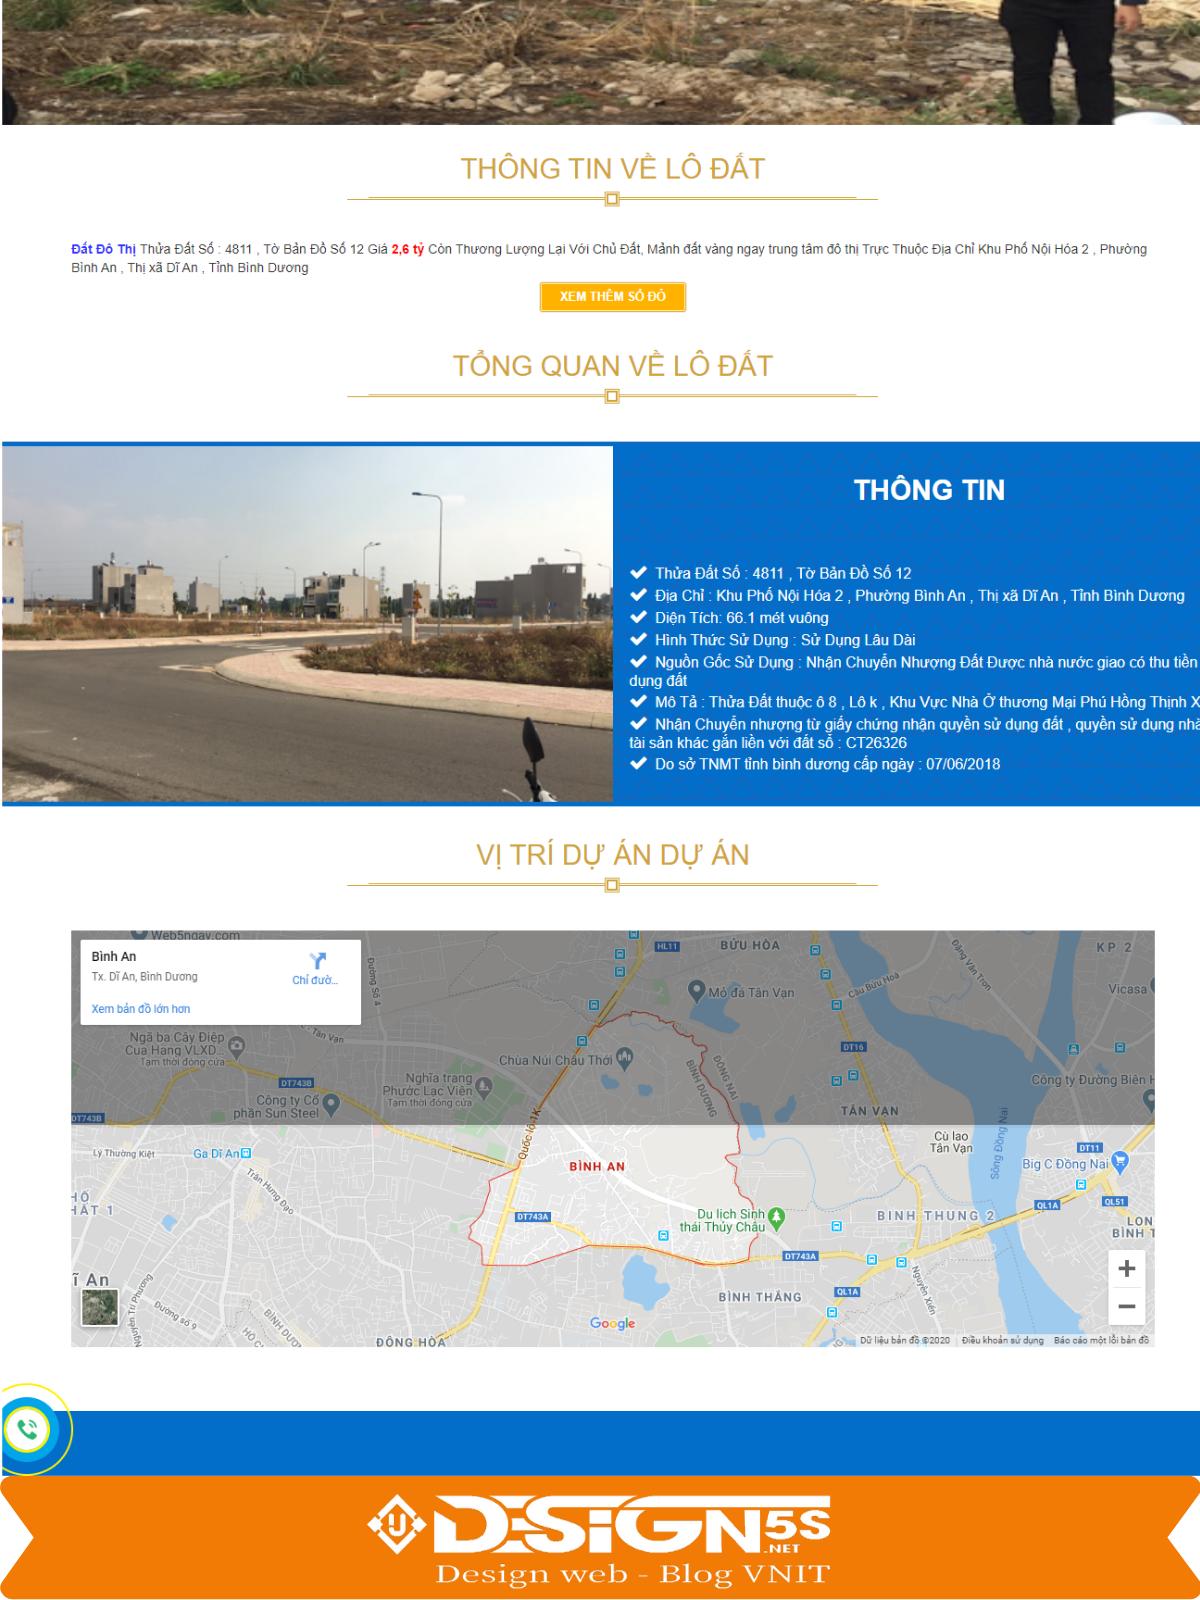 Free Template Blogger Landing Page Bán Đất  - Ảnh 2